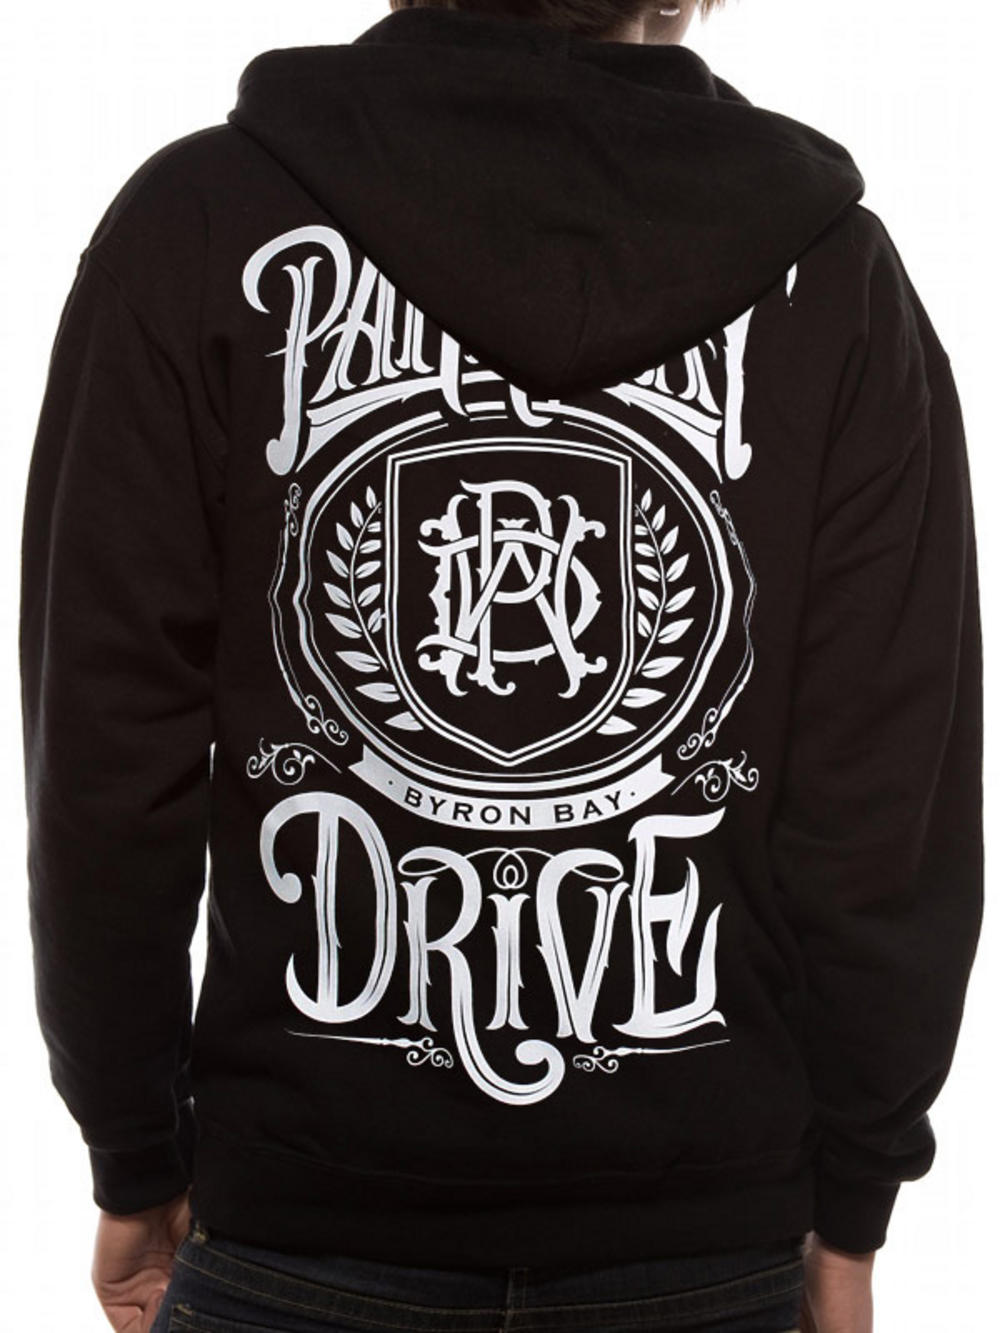 Parkway drive hoodies